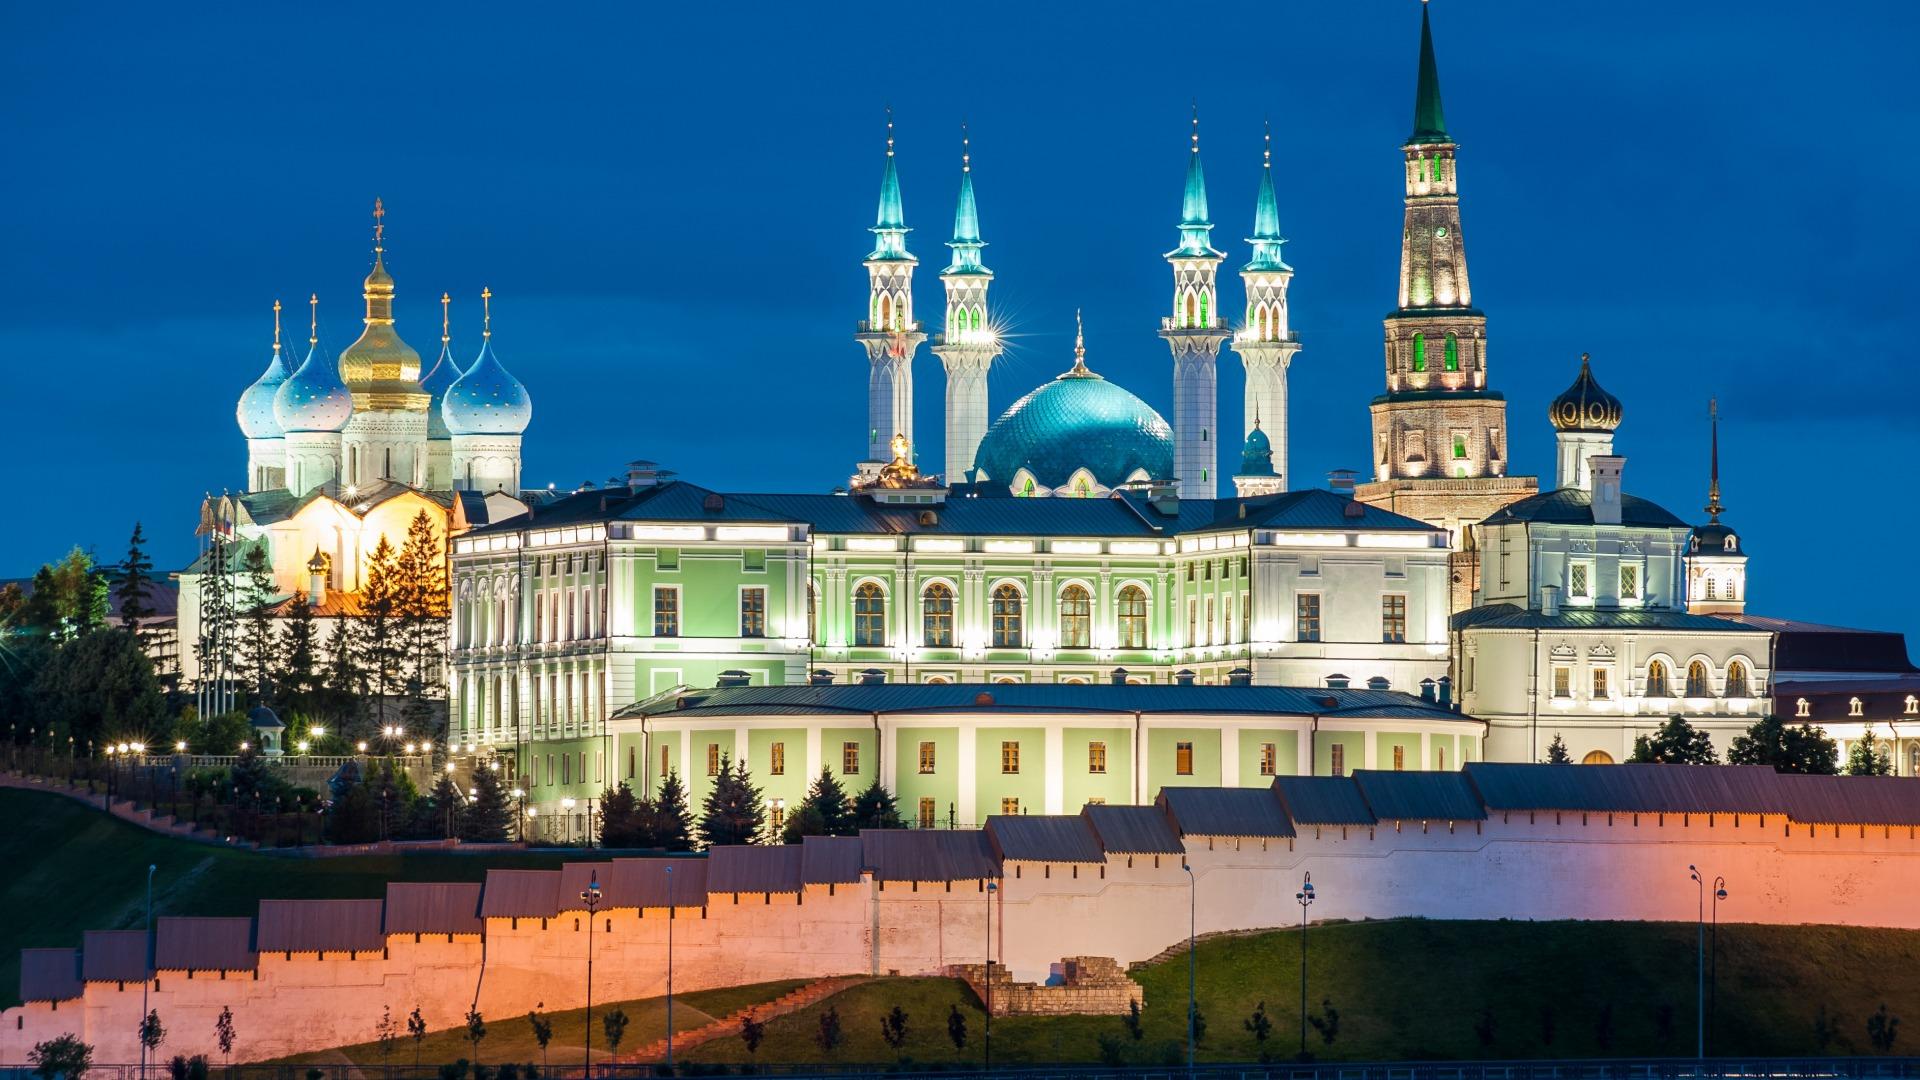 Казань - красивые и удивительные картинки города 17